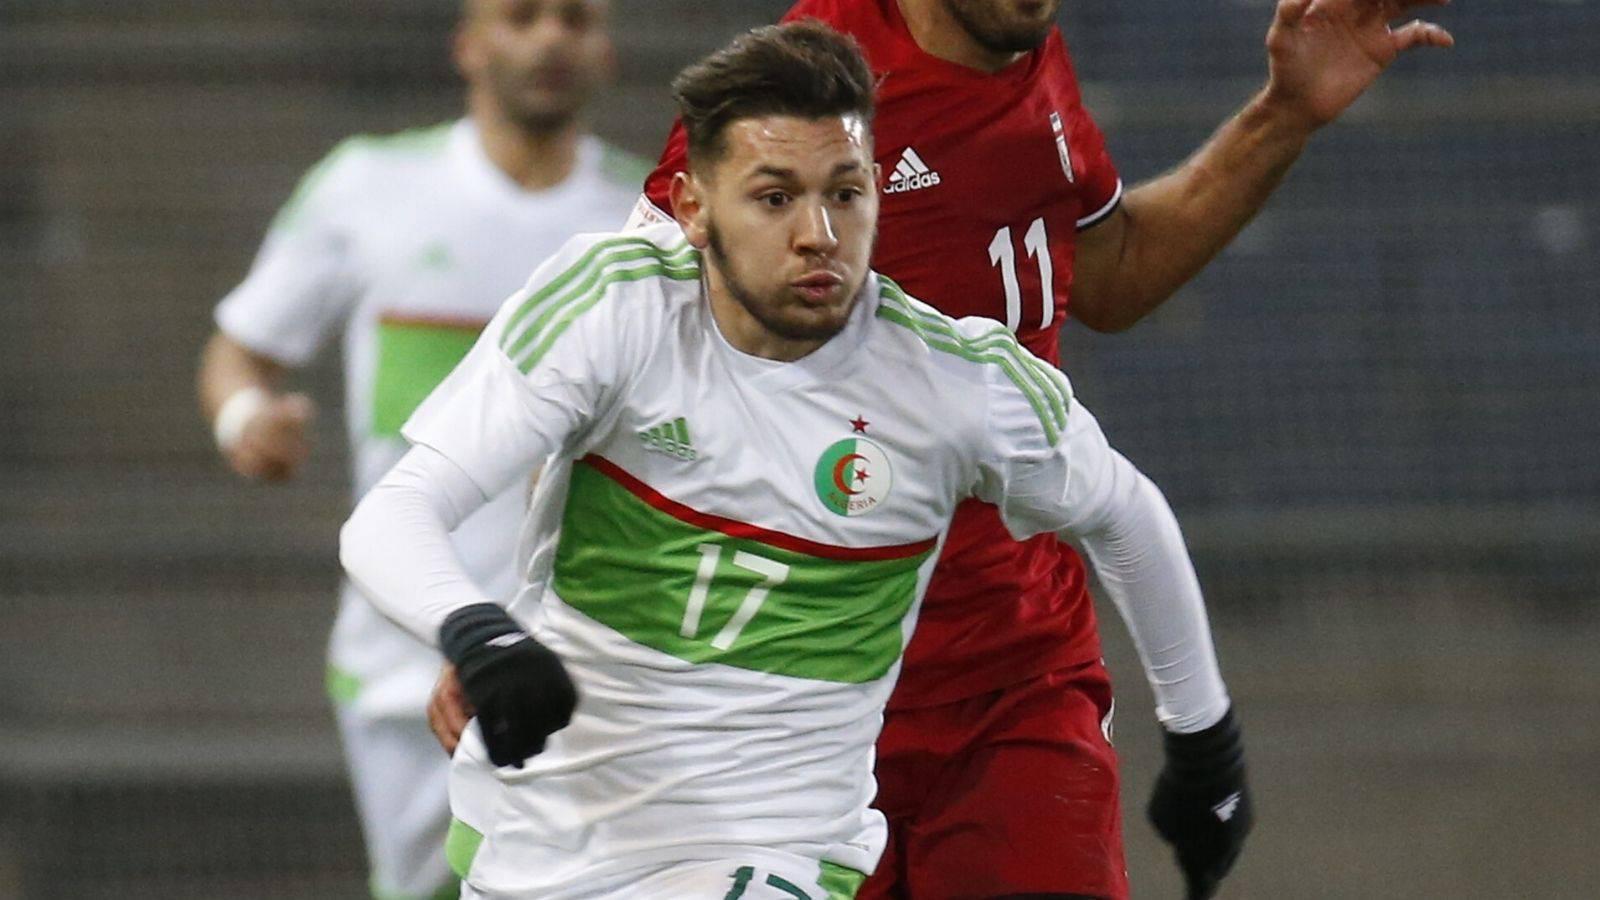 Alžirskog nogometaša uhitili zbog masturbiranja na javnom mjestu drugi put u dva mjeseca